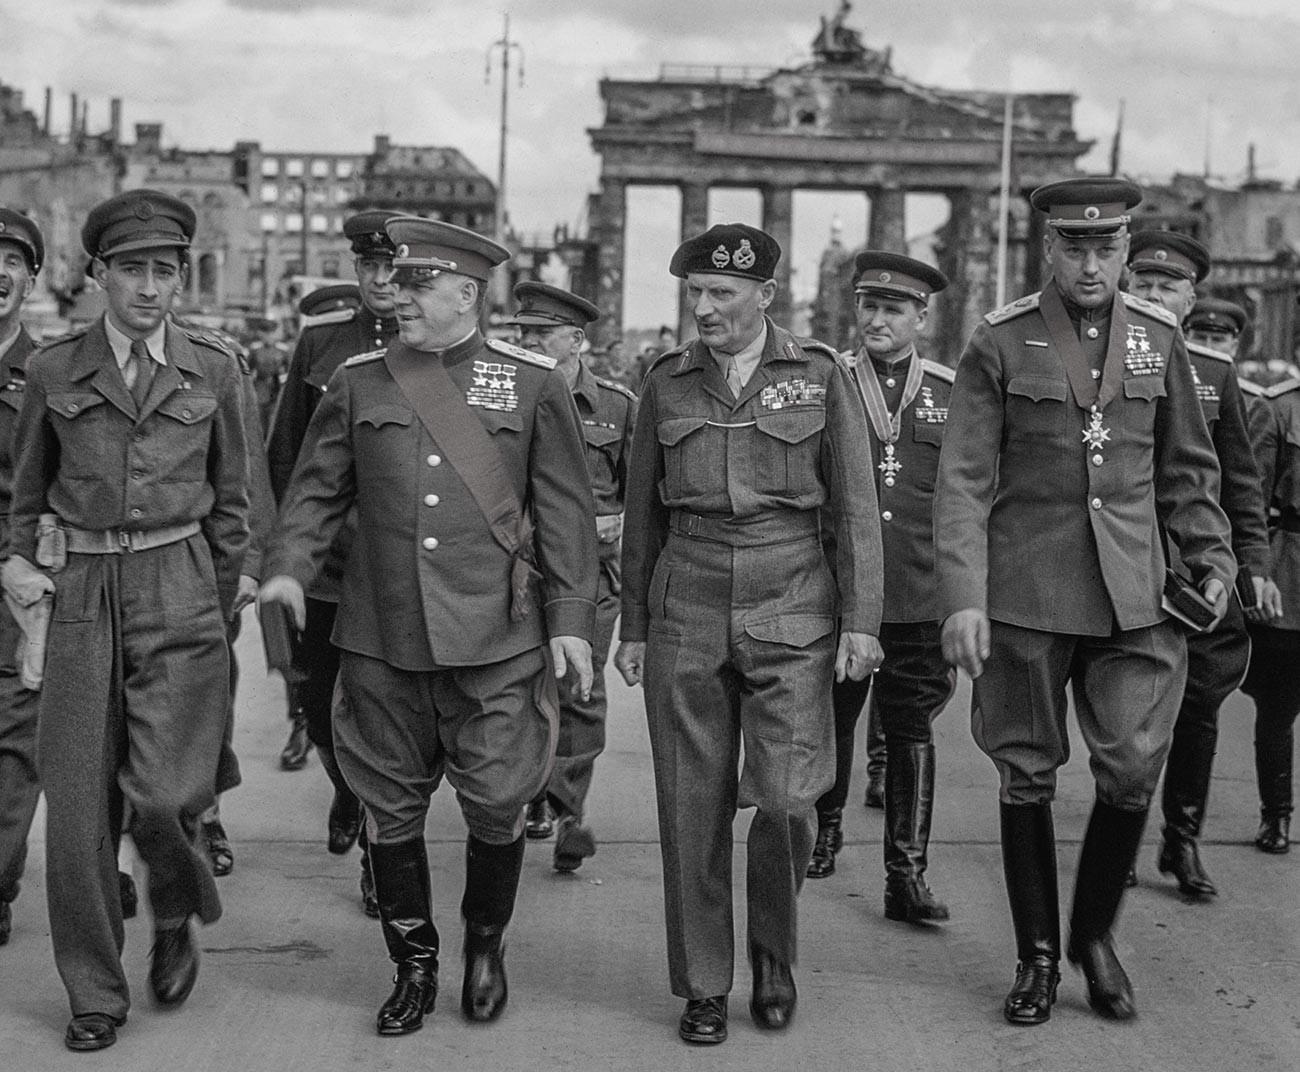 Drugi svjetski rat 1941.-1945. Sjeverozapadni front 1942. Zamjenik vrhovnog zapovjednika Crvene armije maršal G. Žukov, zapovjednik 21. grupe armija feldmaršal Bernard Montgomery, maršal K. Rokosovski i general Crvene armije Sokolovski napuštaju Brandenburška vrata nakon ceremonije.